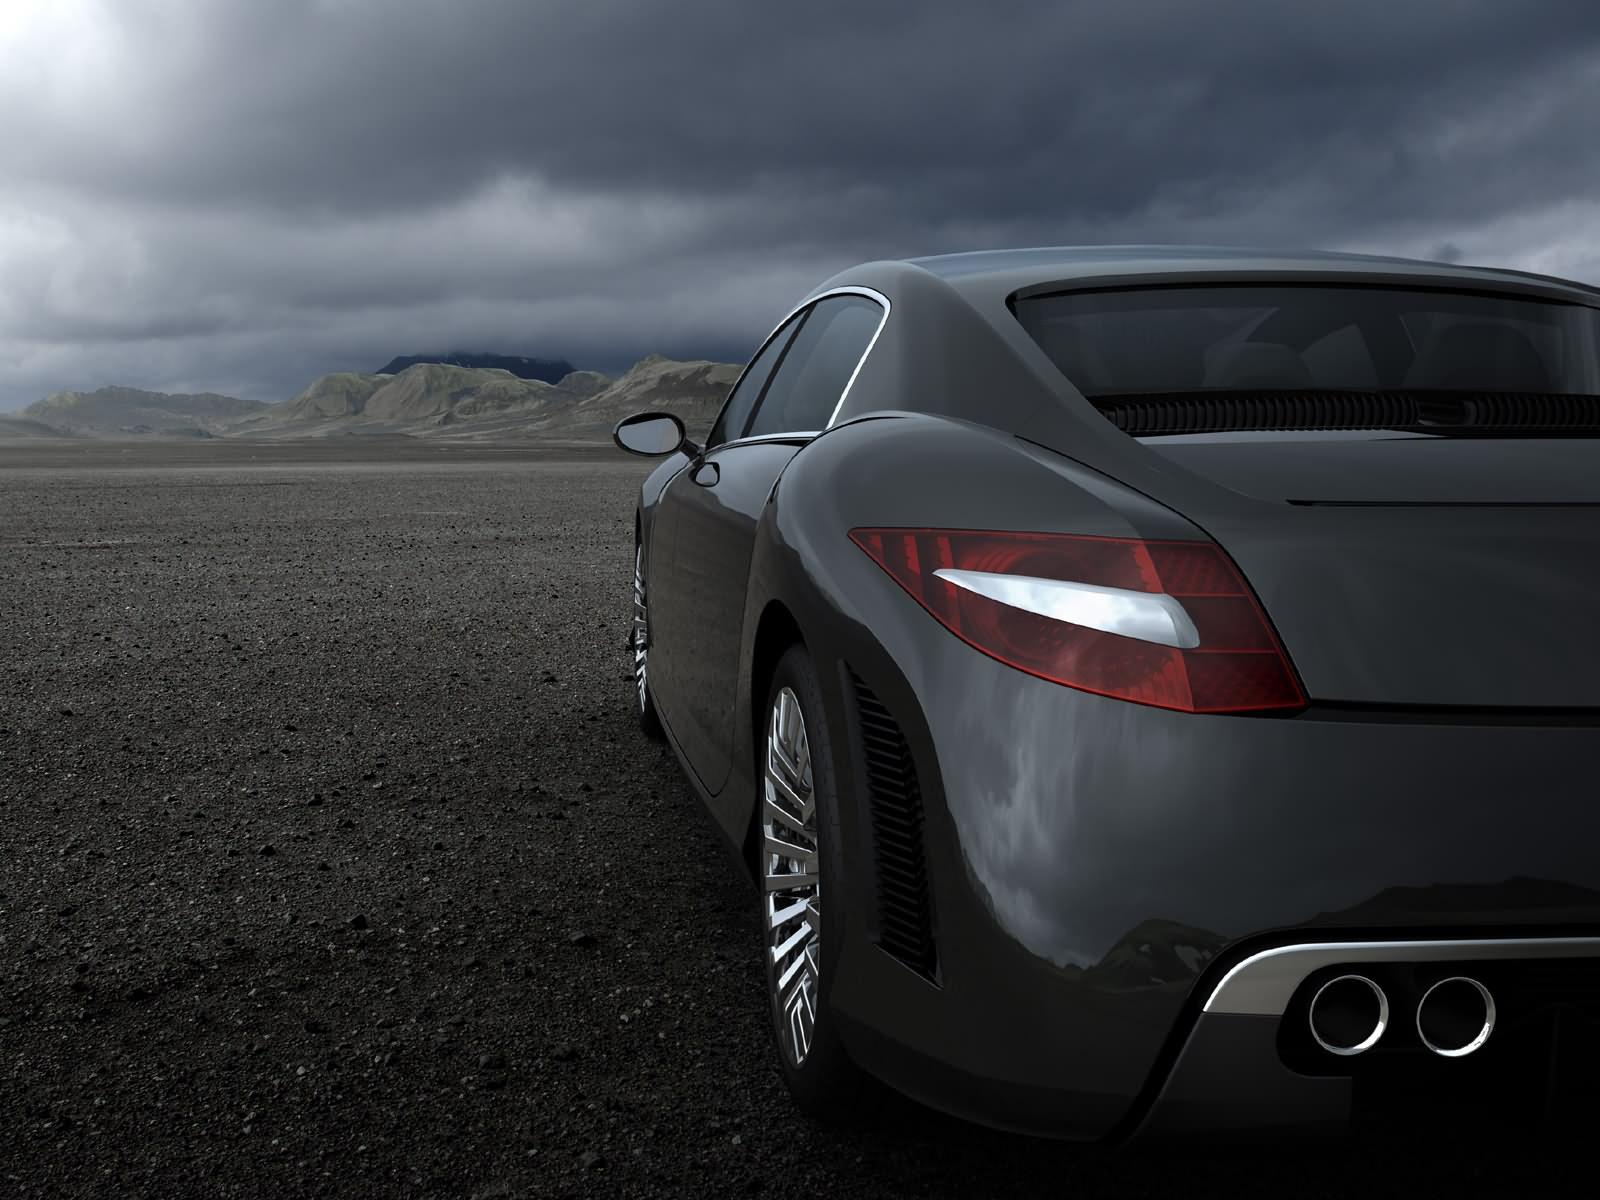 http://2.bp.blogspot.com/_v5h2qxDB1io/TSxjXuHWm1I/AAAAAAAABM8/uxyjZ8kZAKA/s1600/cars_0016.jpg